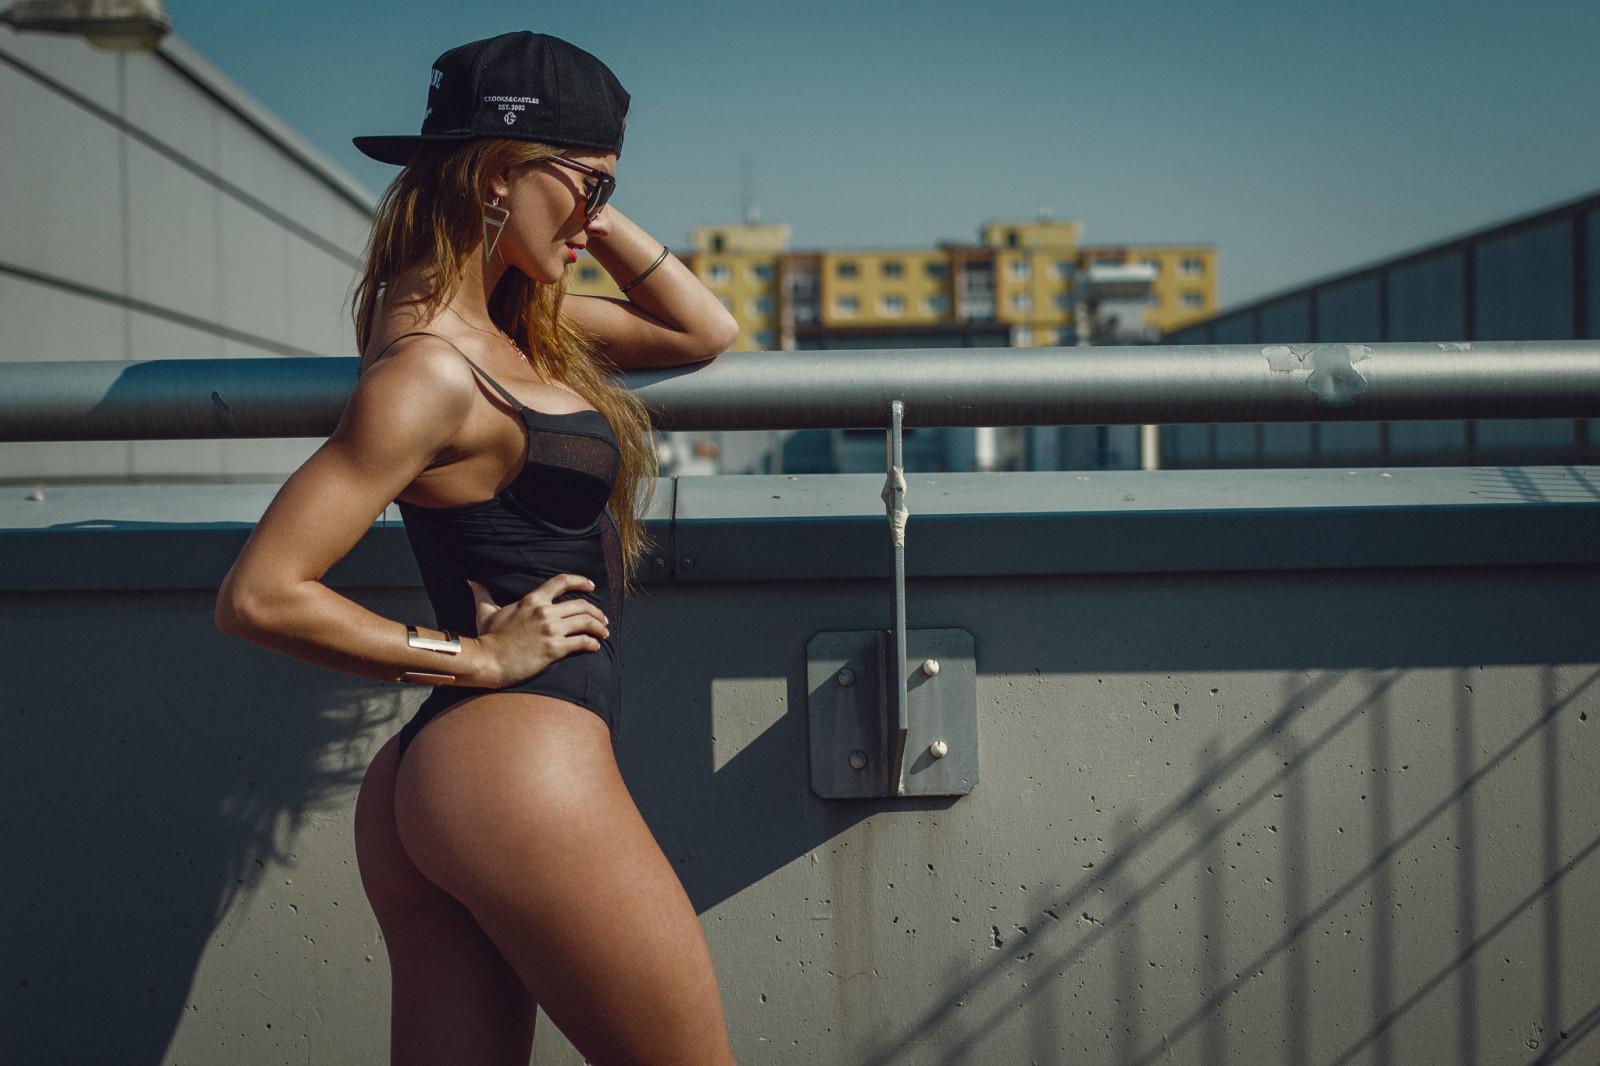 хип хоп девушки голые фото вами может находиться